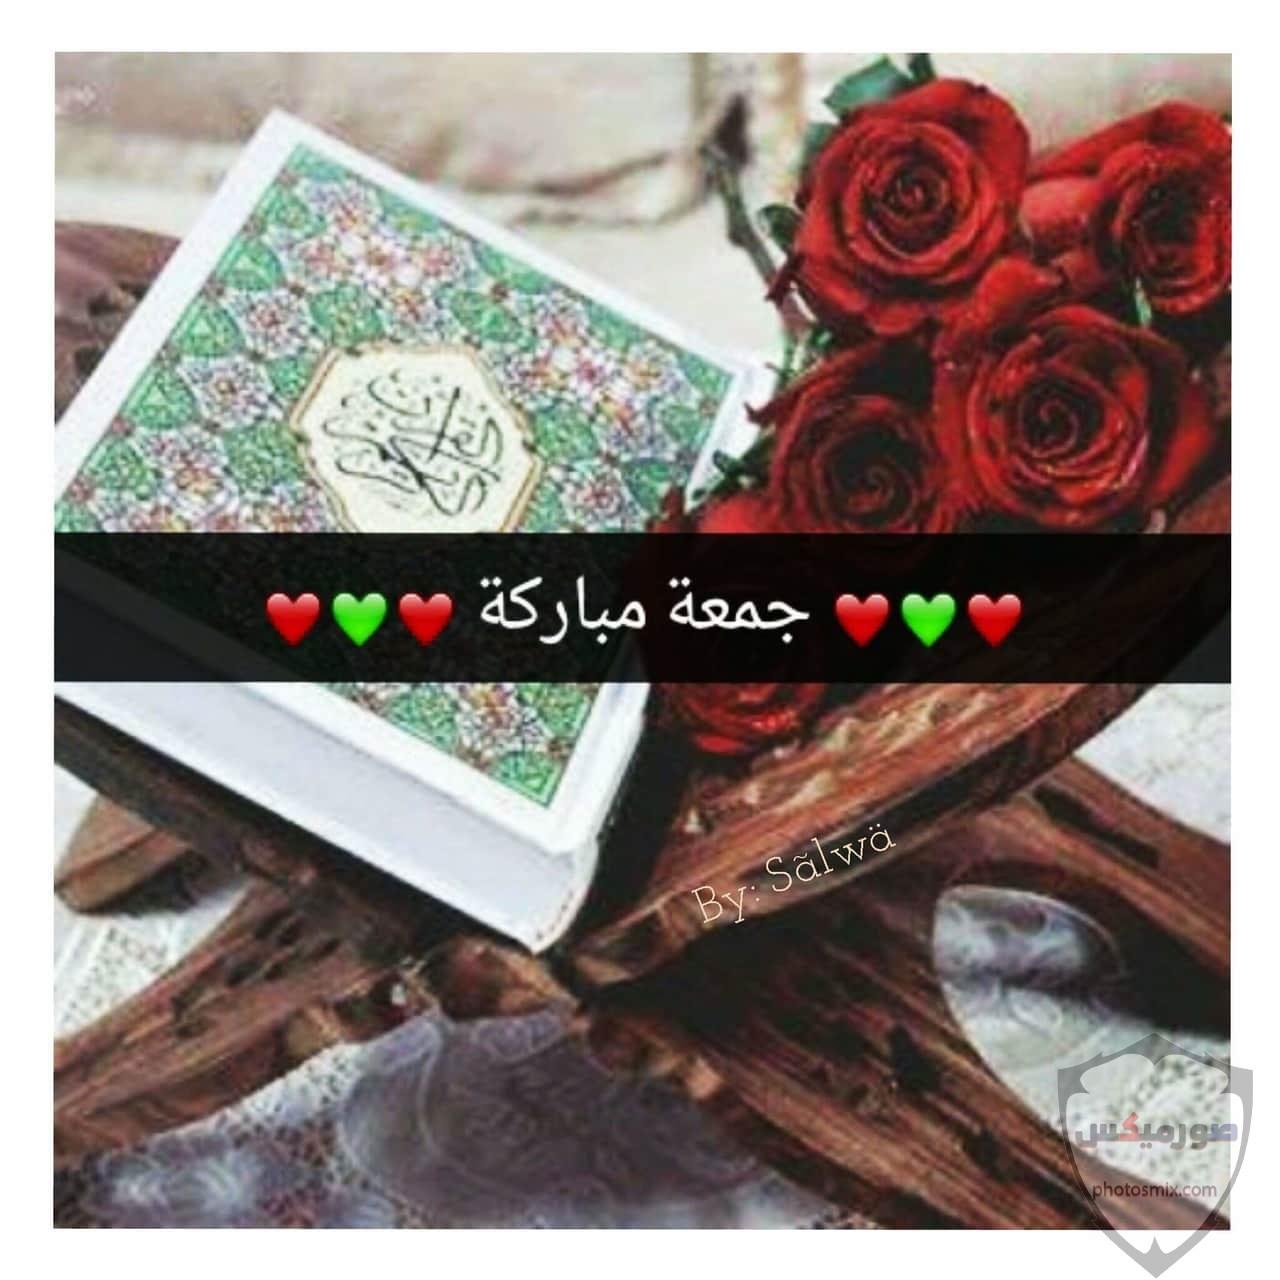 جمعة مباركة صور جمعة مباركه 2020 ادعية يوم الجمعه مصورة مكتوب عليها جمعة مباركة 59